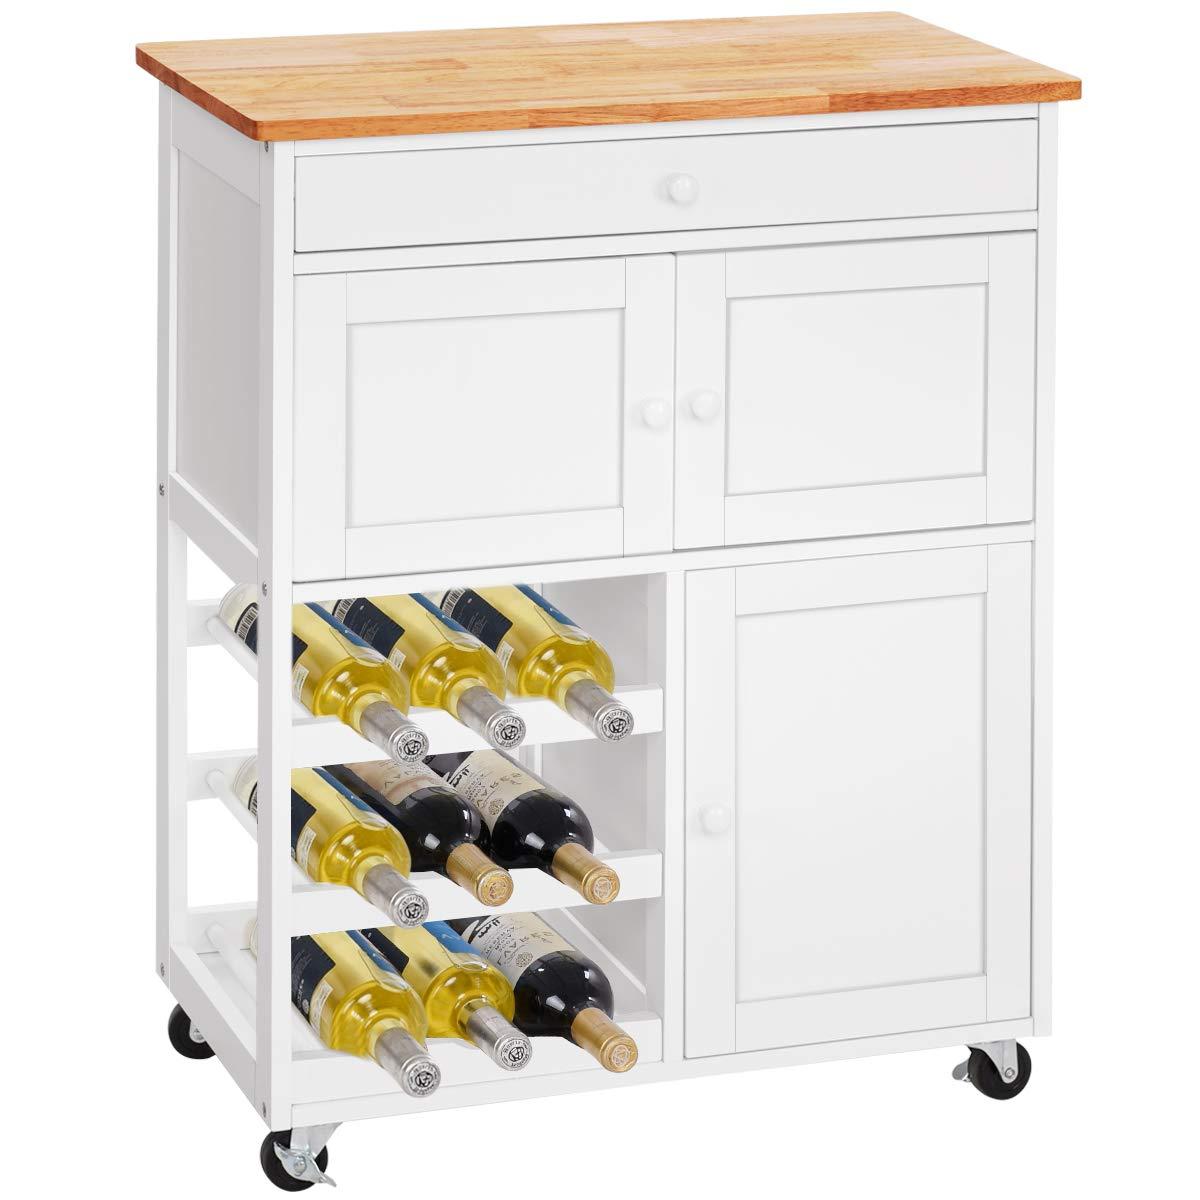 DREAMADE Küchenwagen mit Flaschenregal und Schubladen